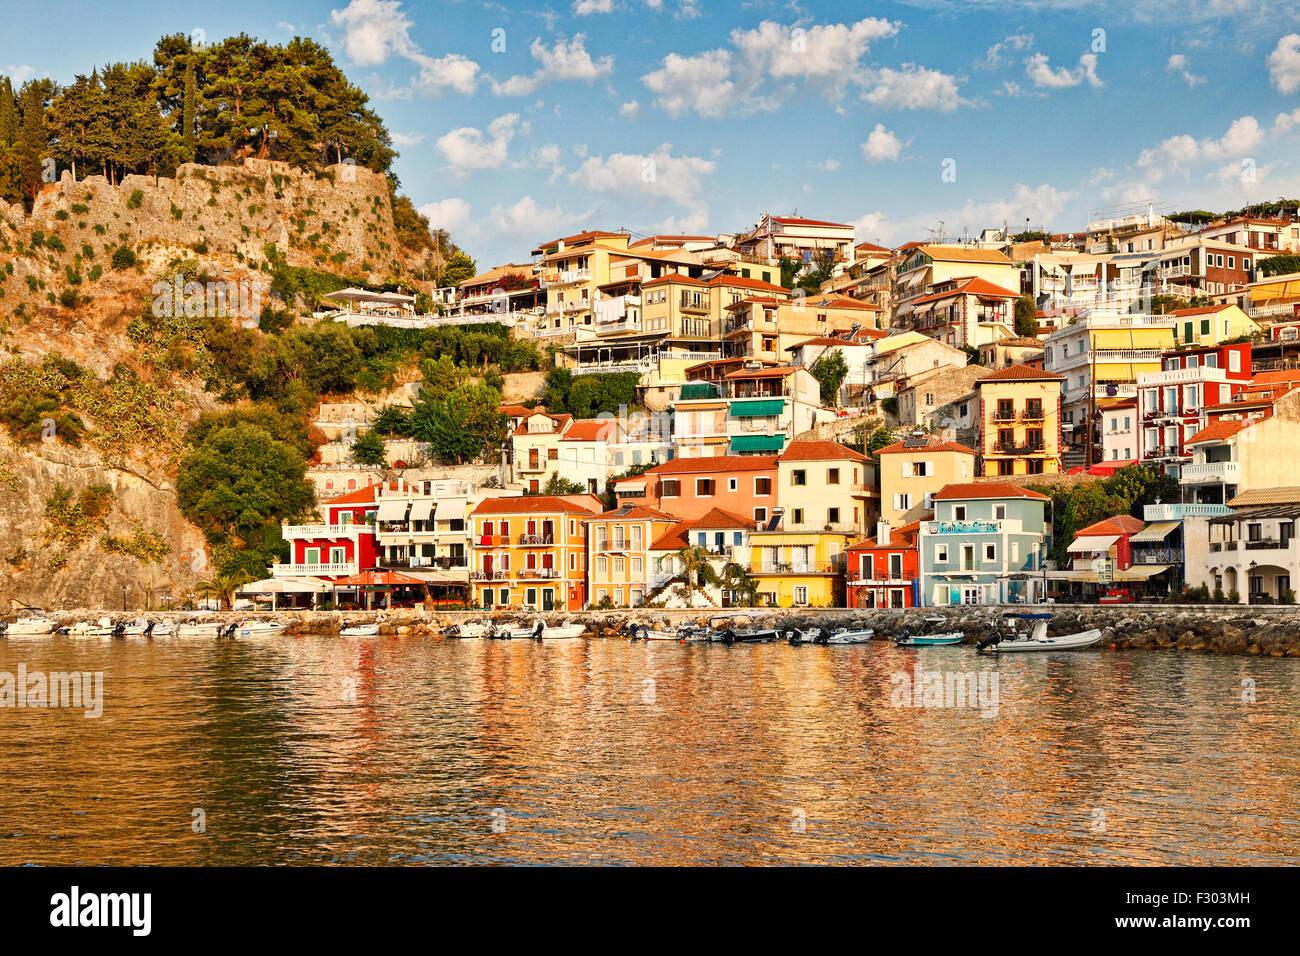 Las coloridas casas de Parga, Grecia Imagen De Stock